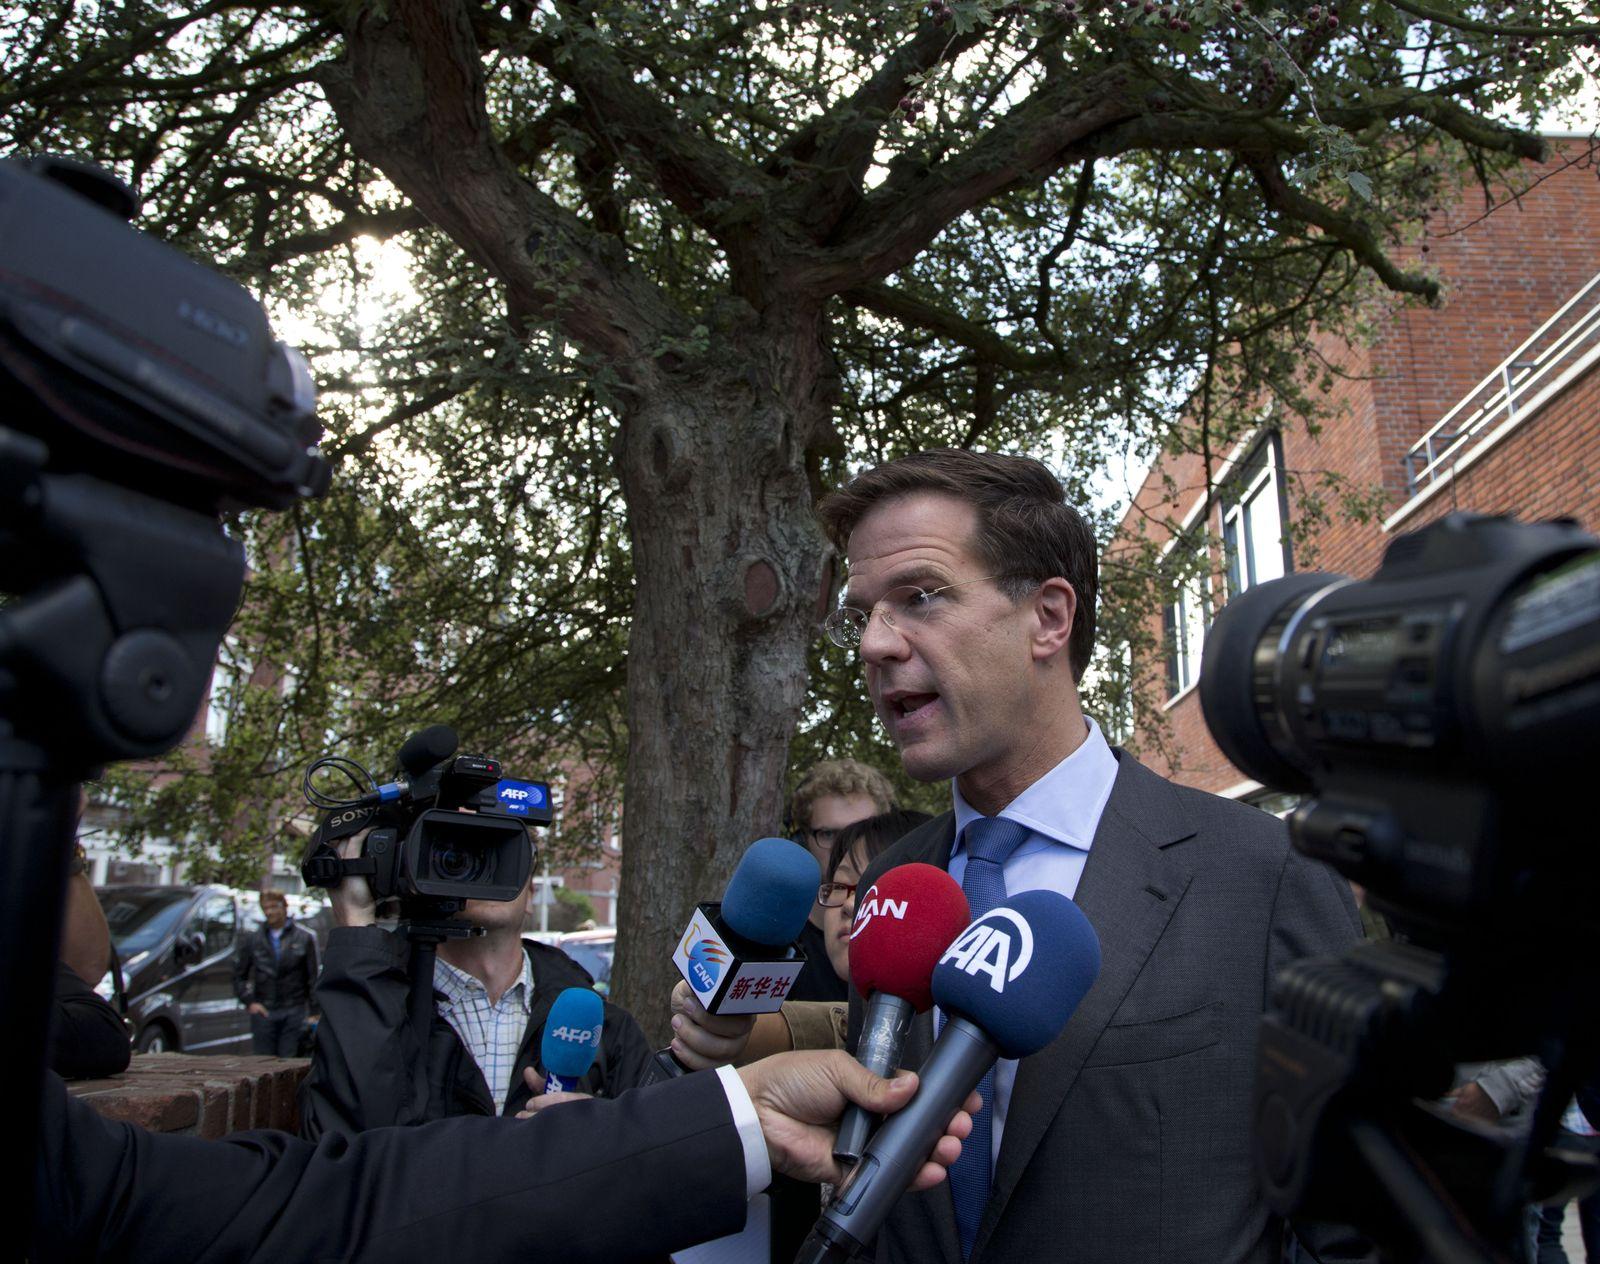 niederlande wahlen rutte